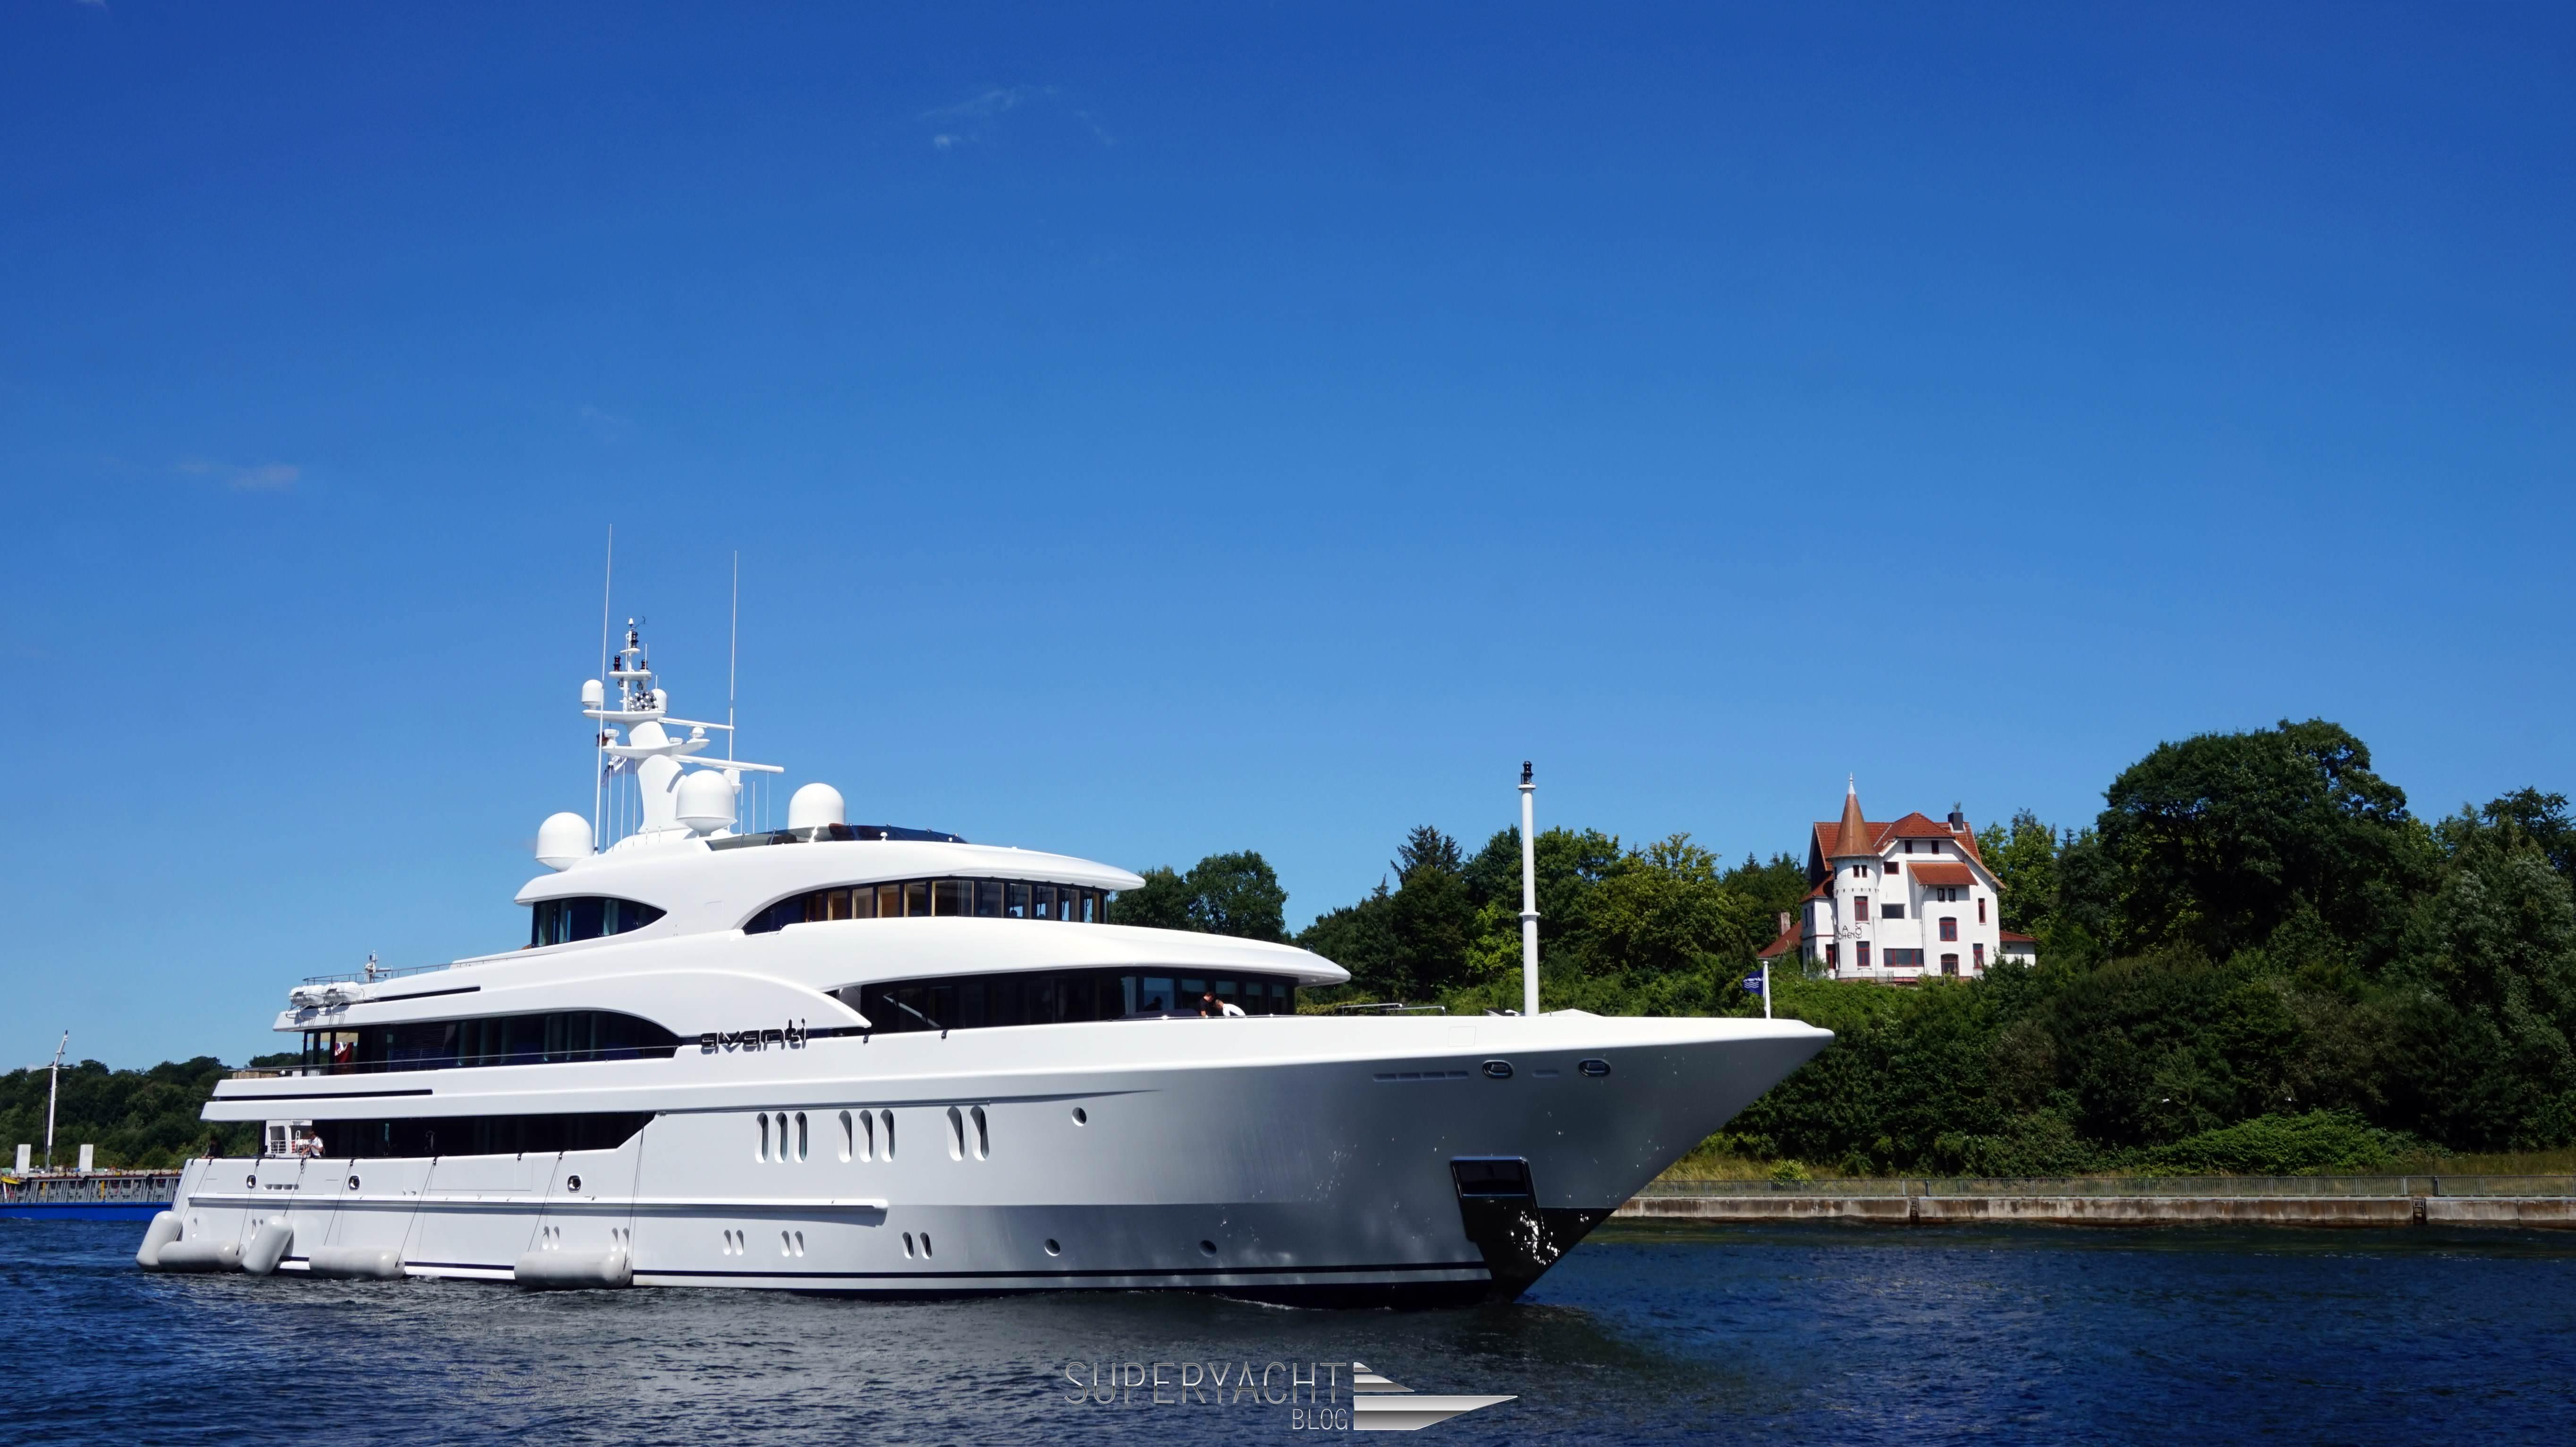 Avanti Lürssen Superyacht Kiel Superyachtblog (4)